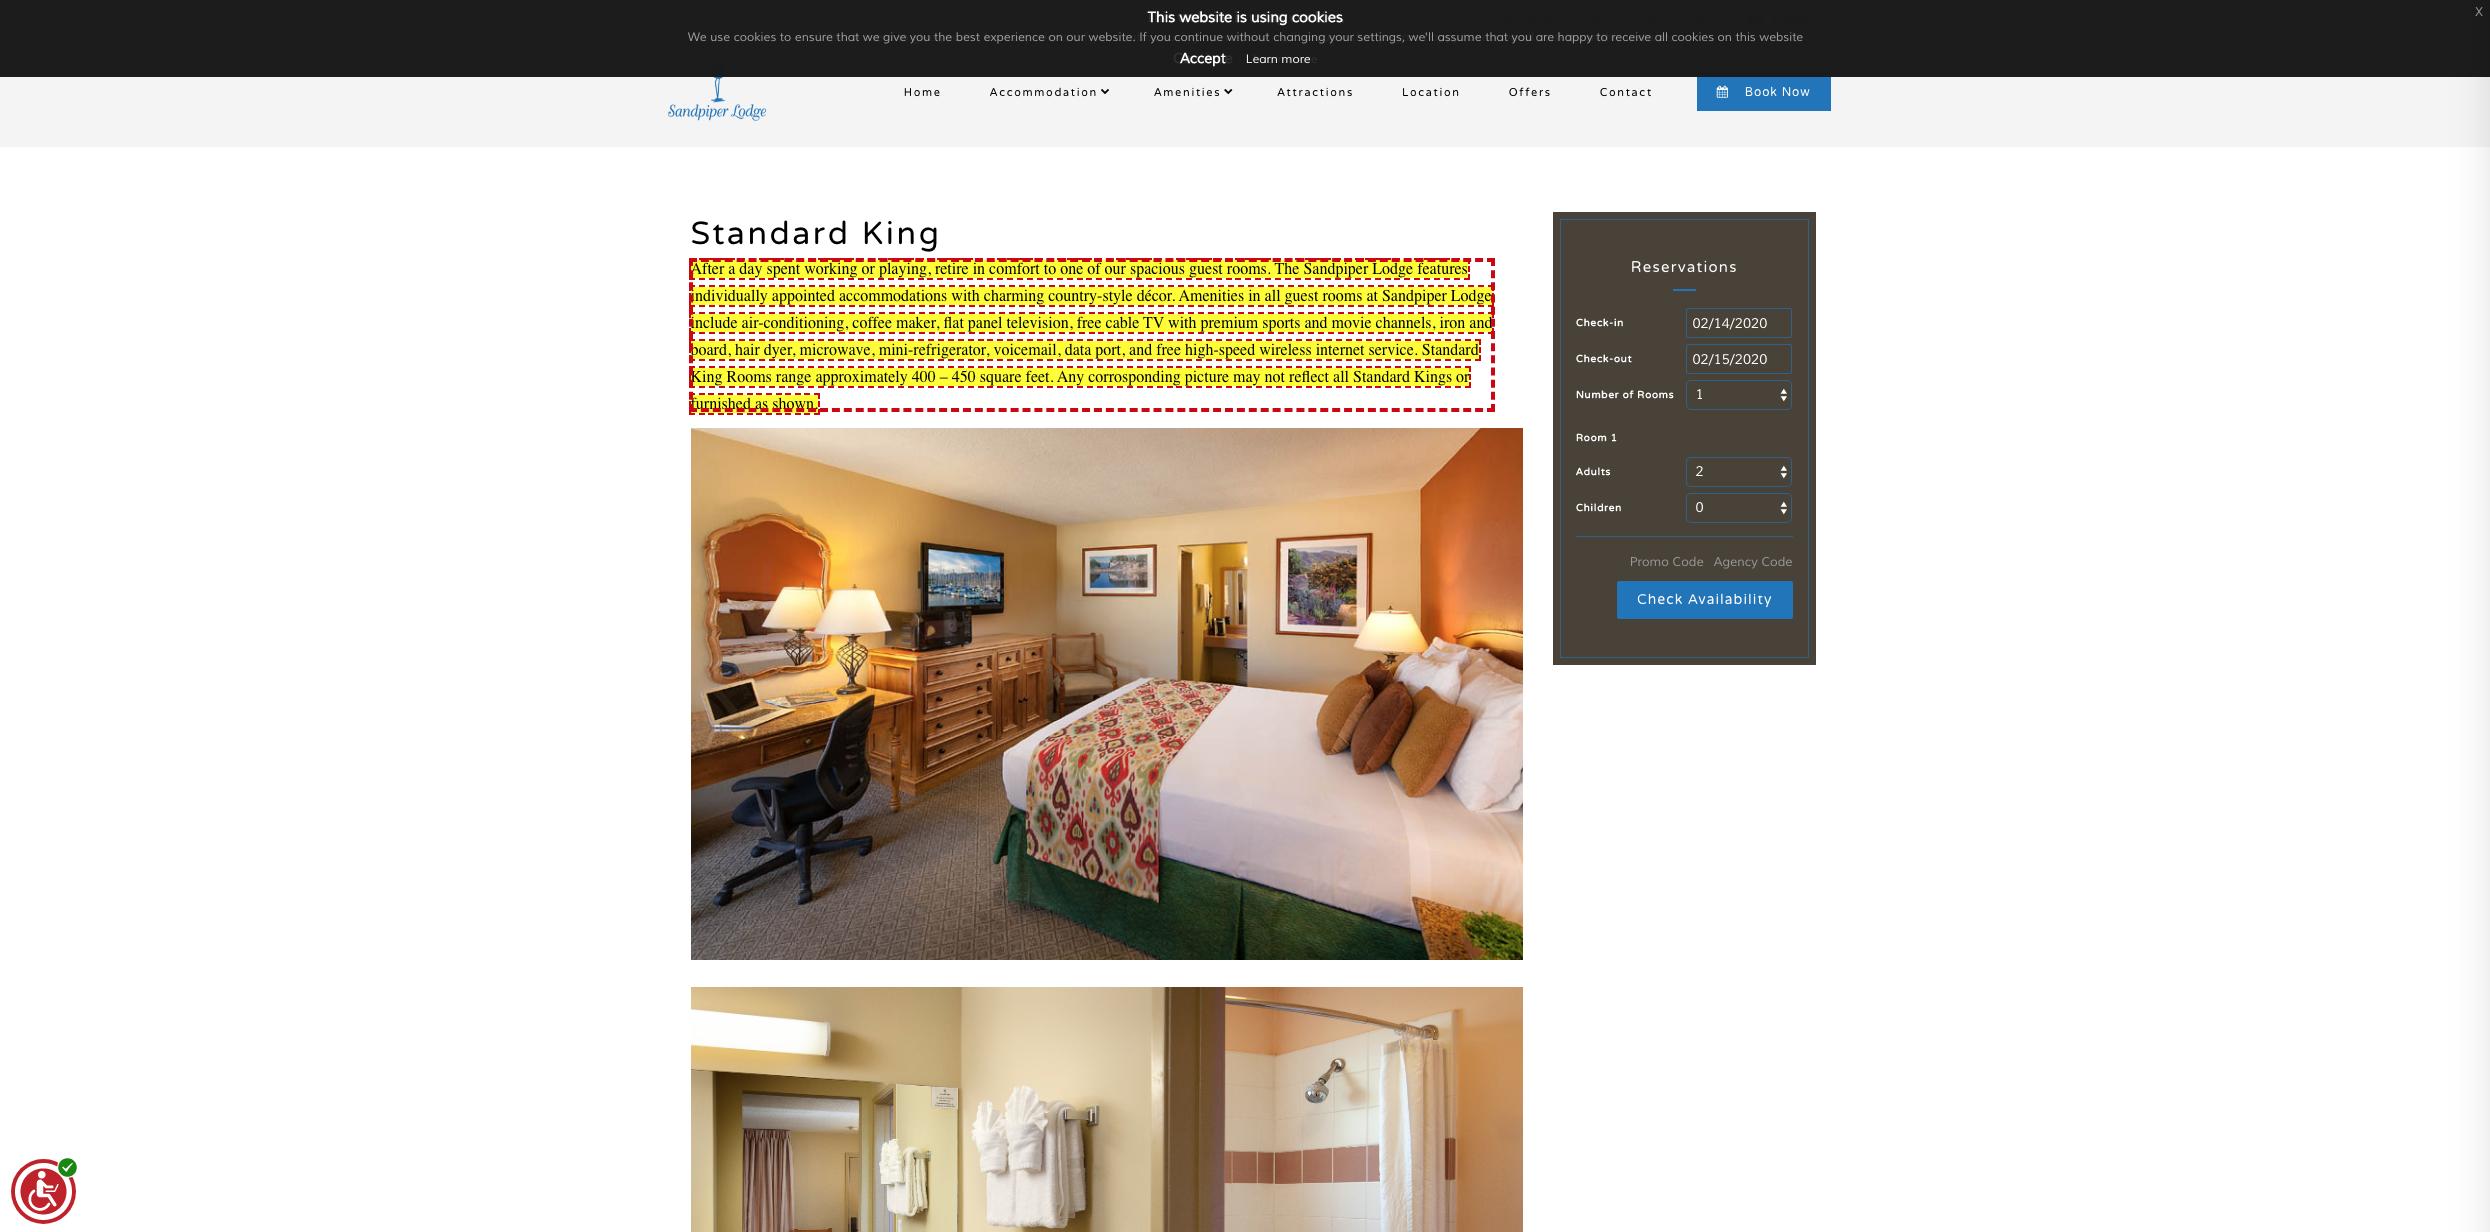 hotel website screen reader